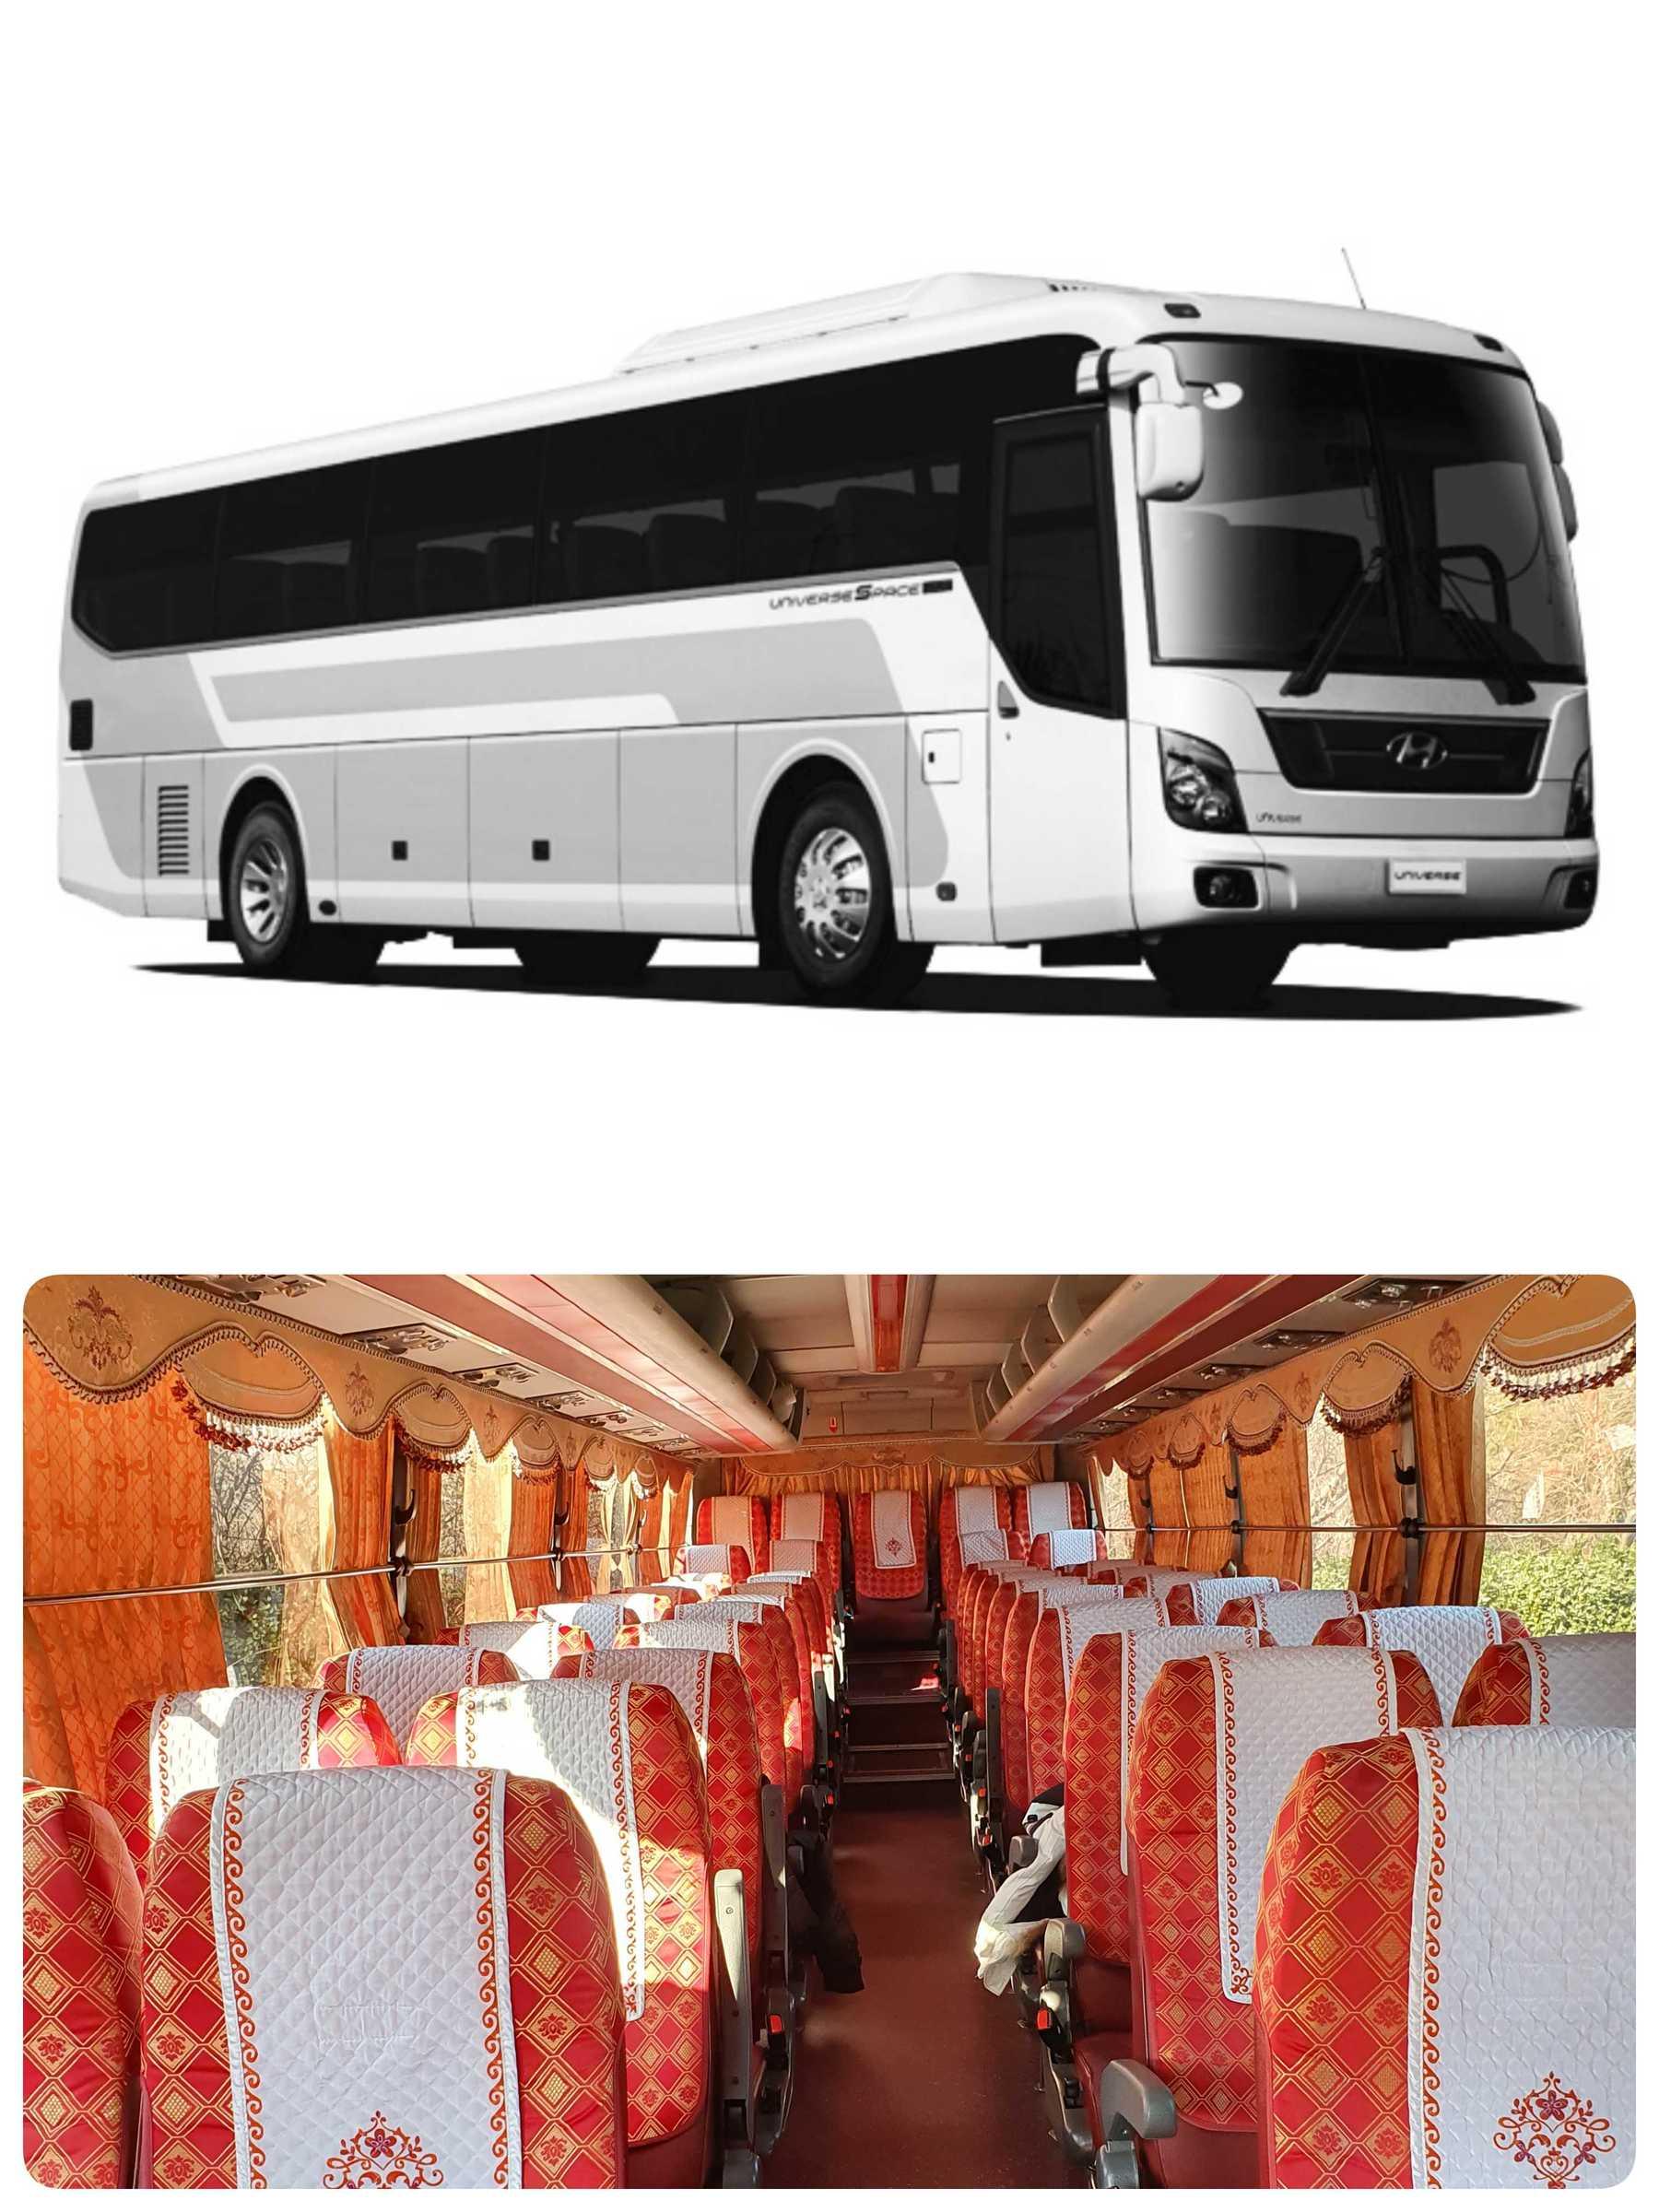 대형버스 대표 사진.jpg